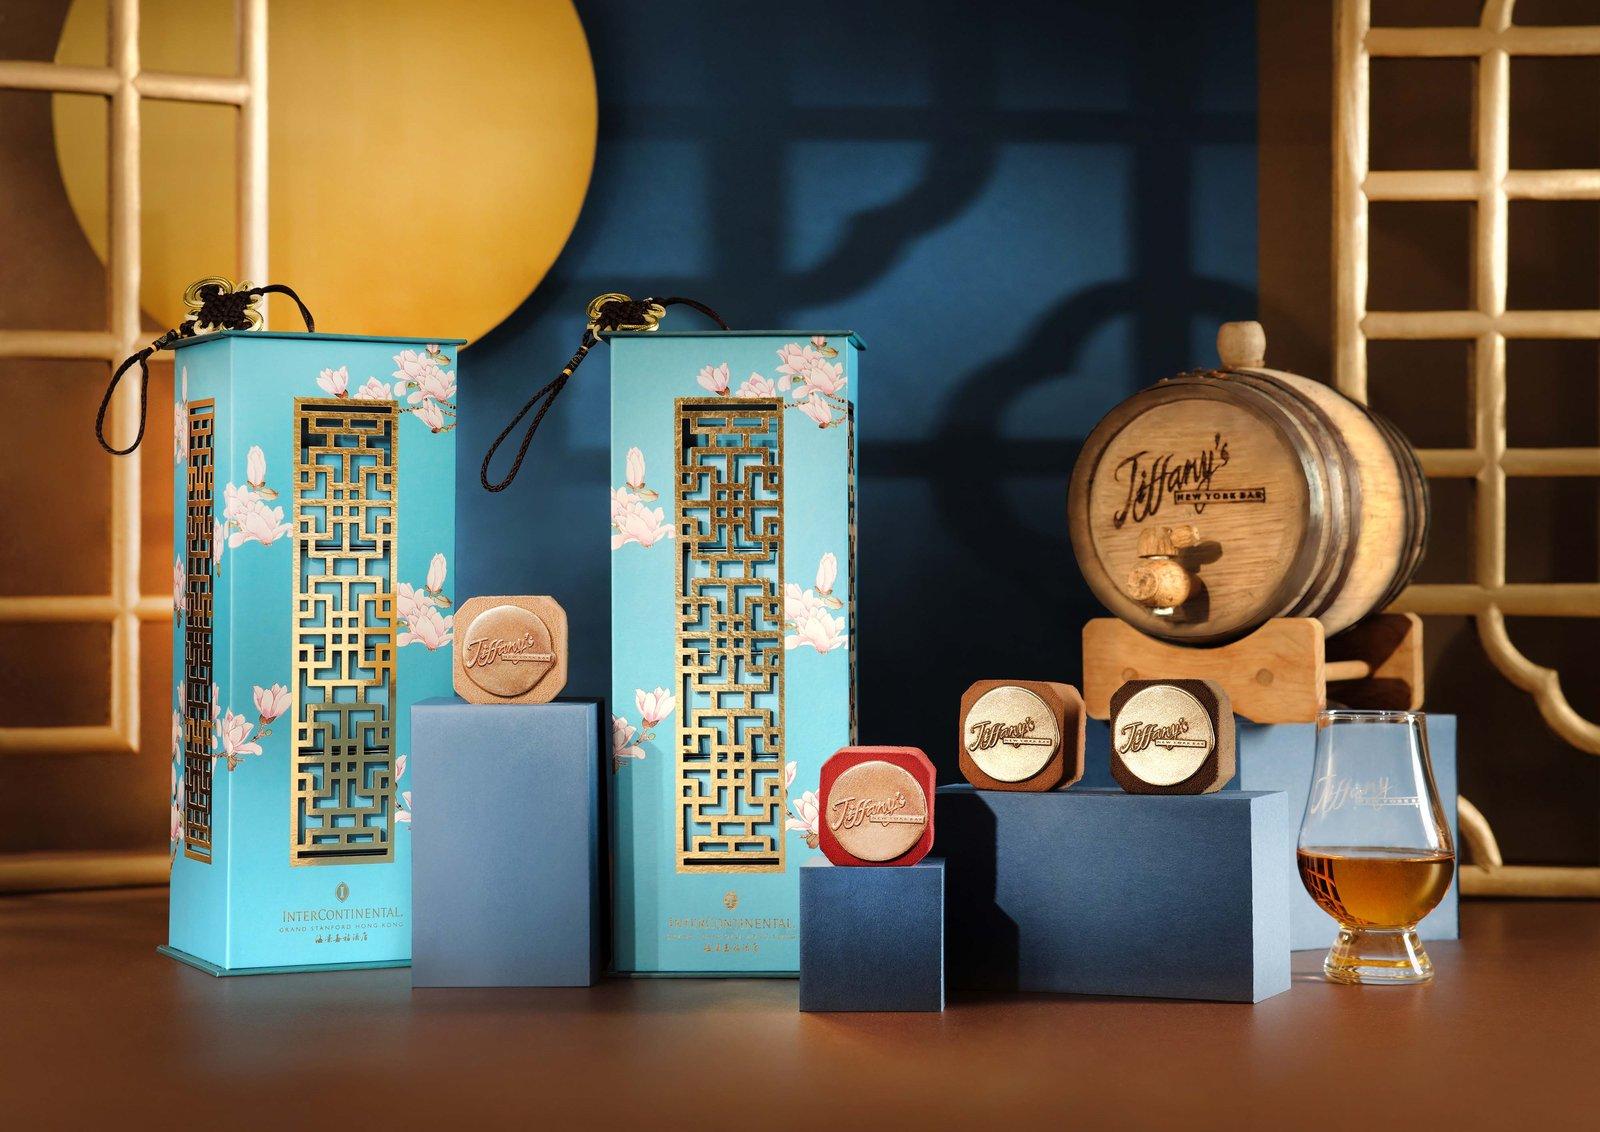 【中秋月餅2020】月餅早鳥優惠合集 酒店月餅、奶黃月餅、新式月餅推介 海景嘉福